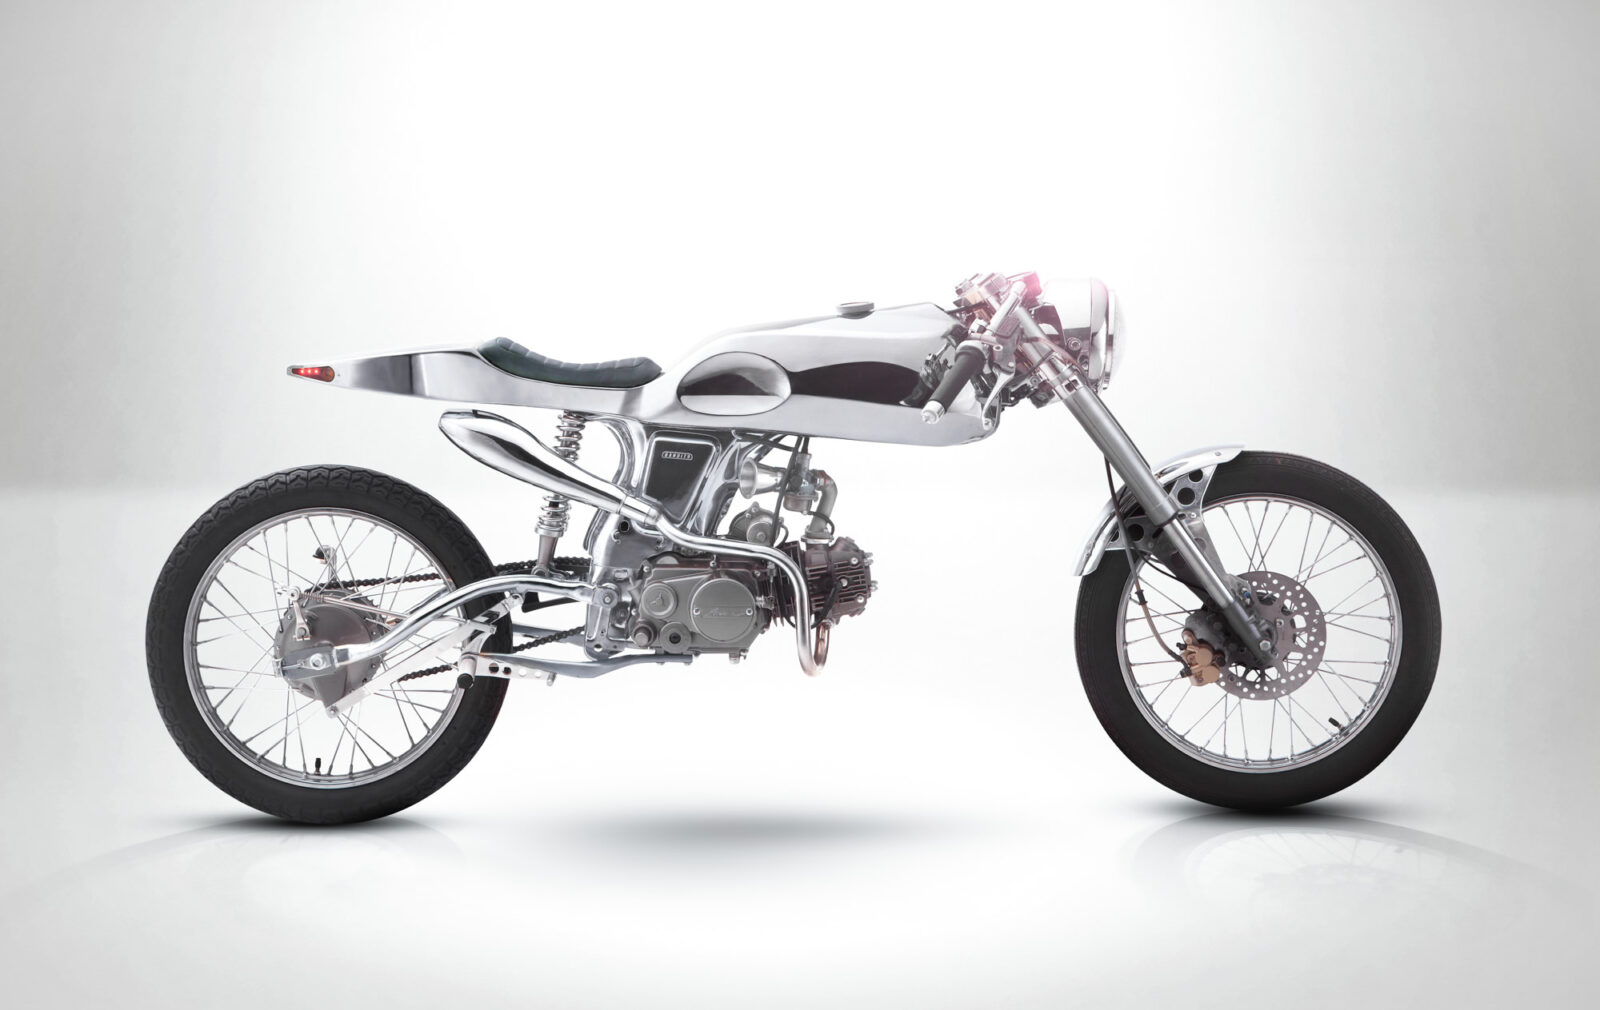 Bandit 9 Custom Motorcycle 9 1600x1010 - Bandit 9 EDEN